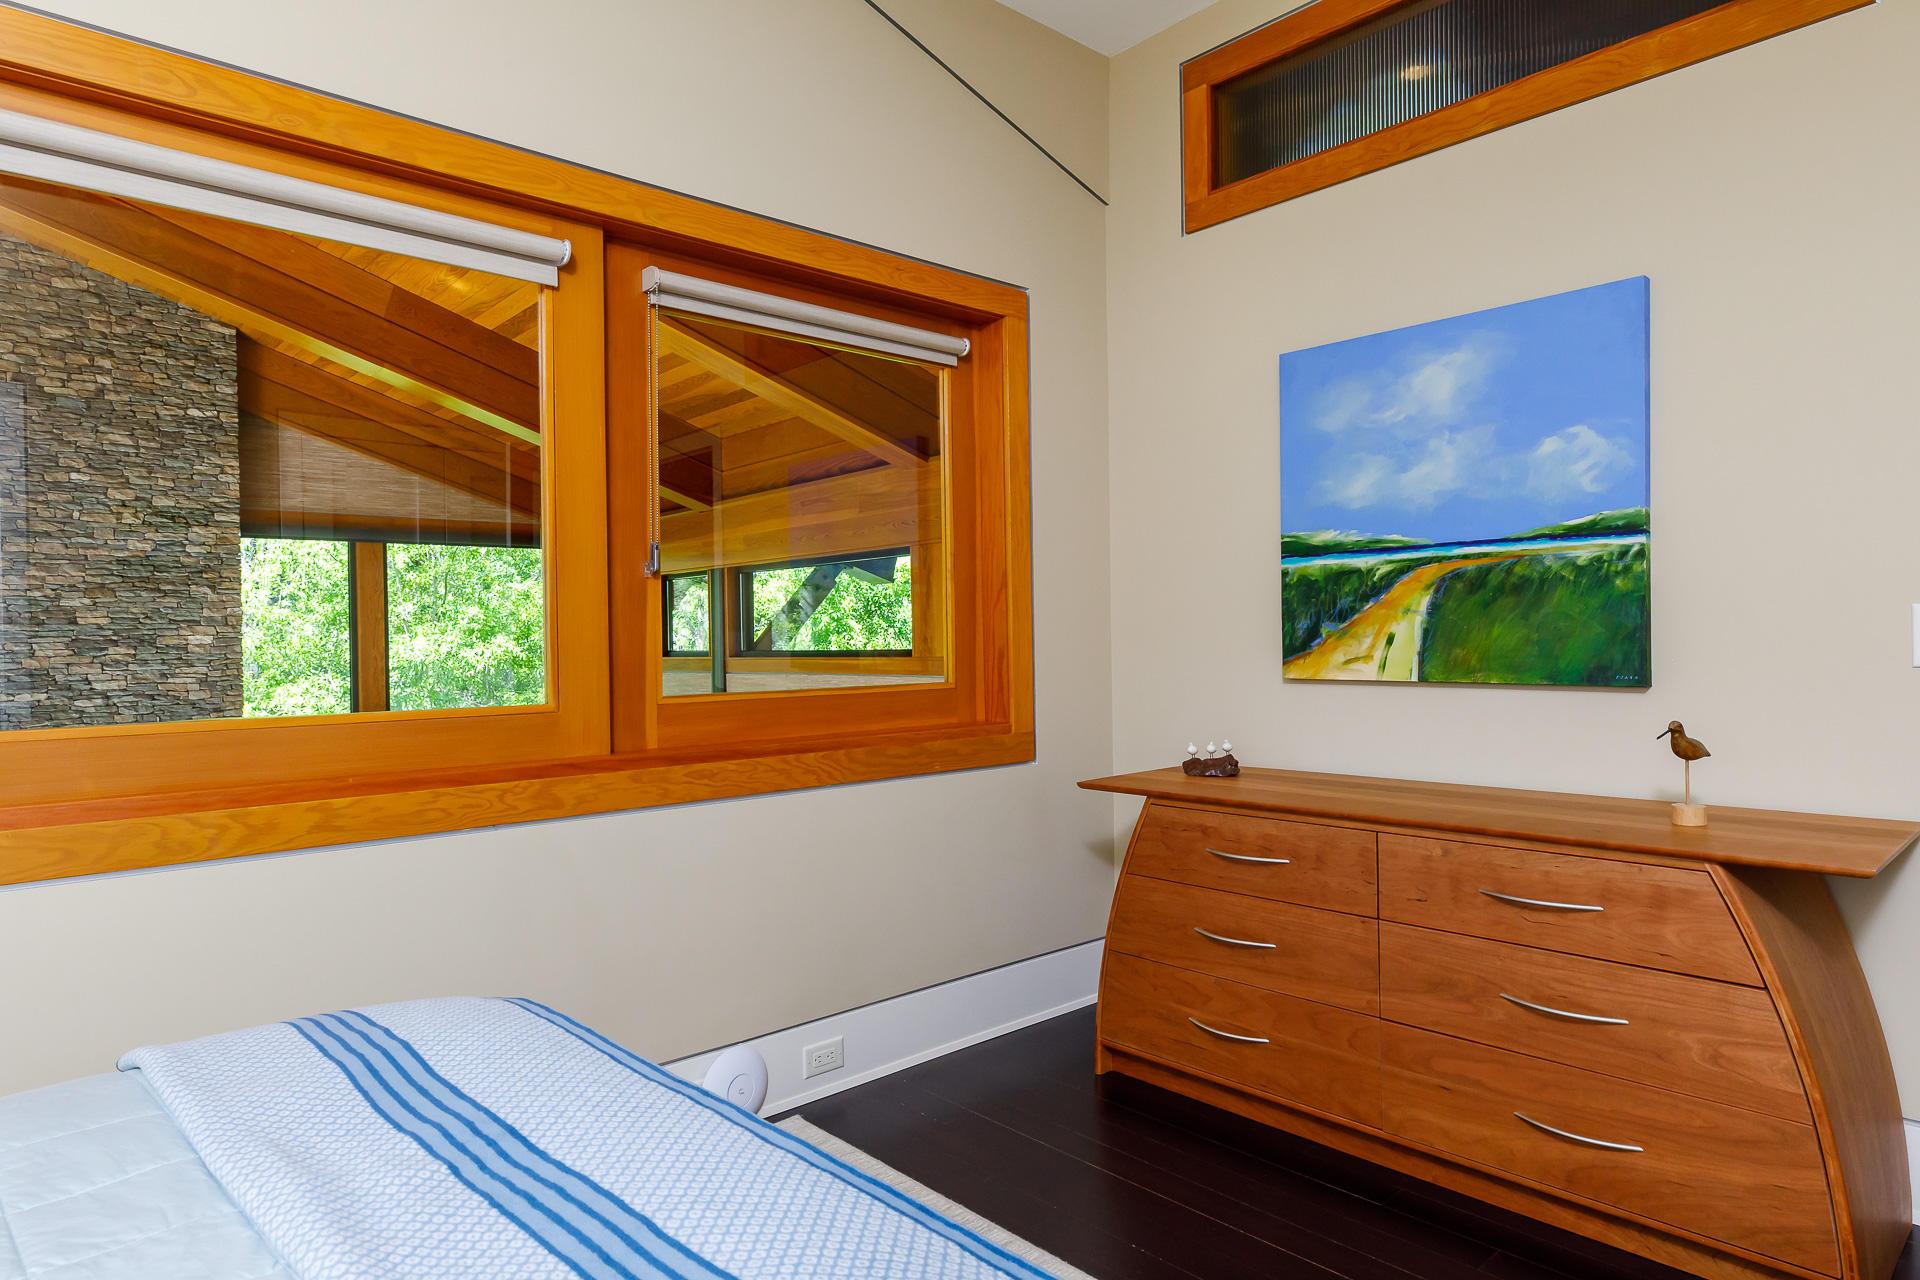 Kiawah Island Homes For Sale - 102 Blue Heron Pond, Kiawah Island, SC - 21